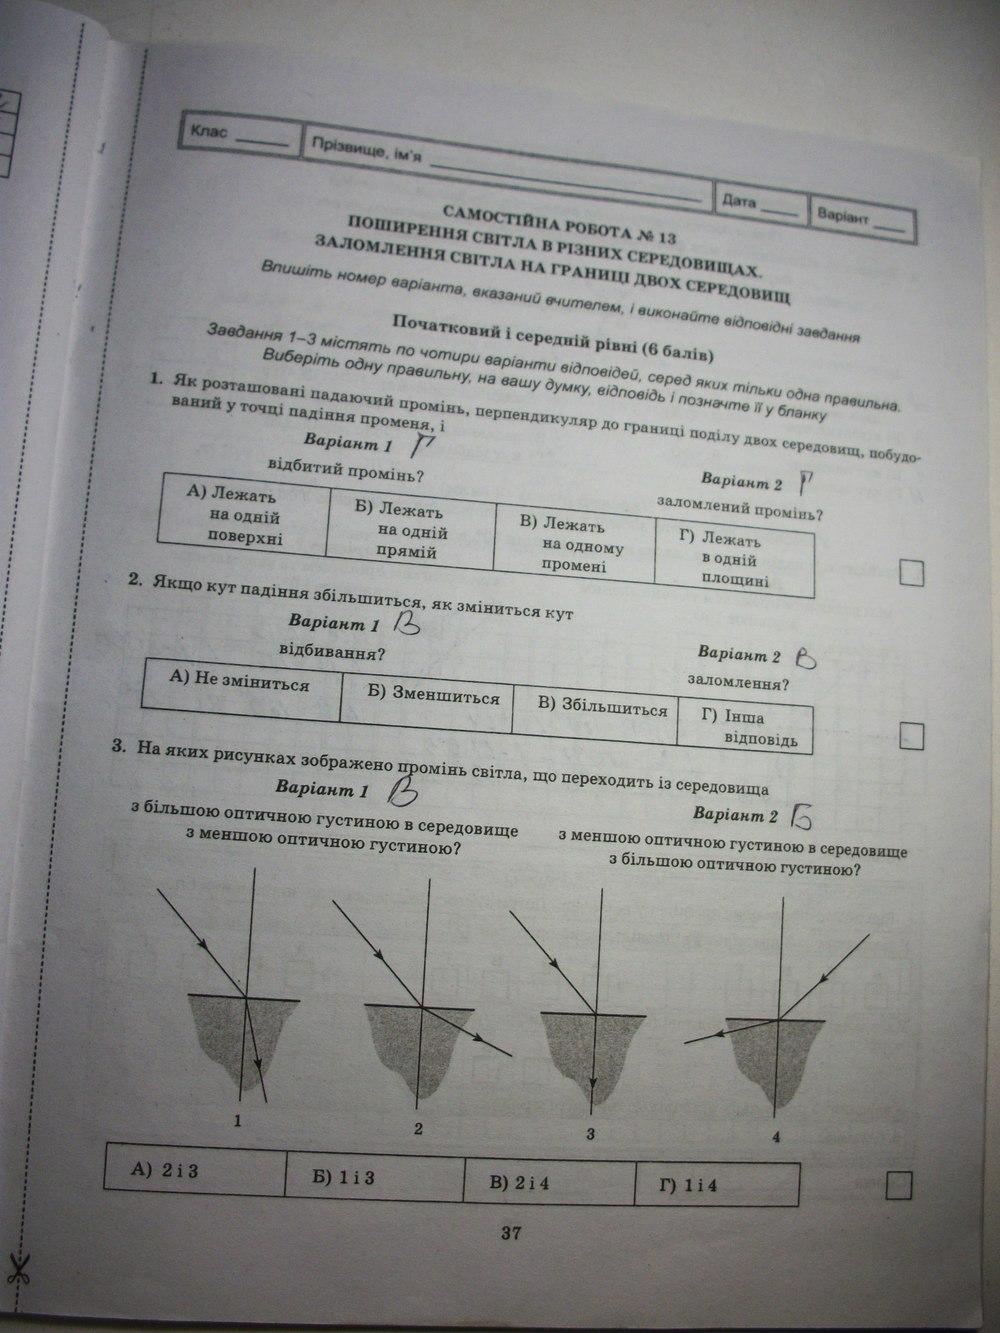 ГДЗ по физике 7 класс Чертіщева М. О.. Задание: стр. 37